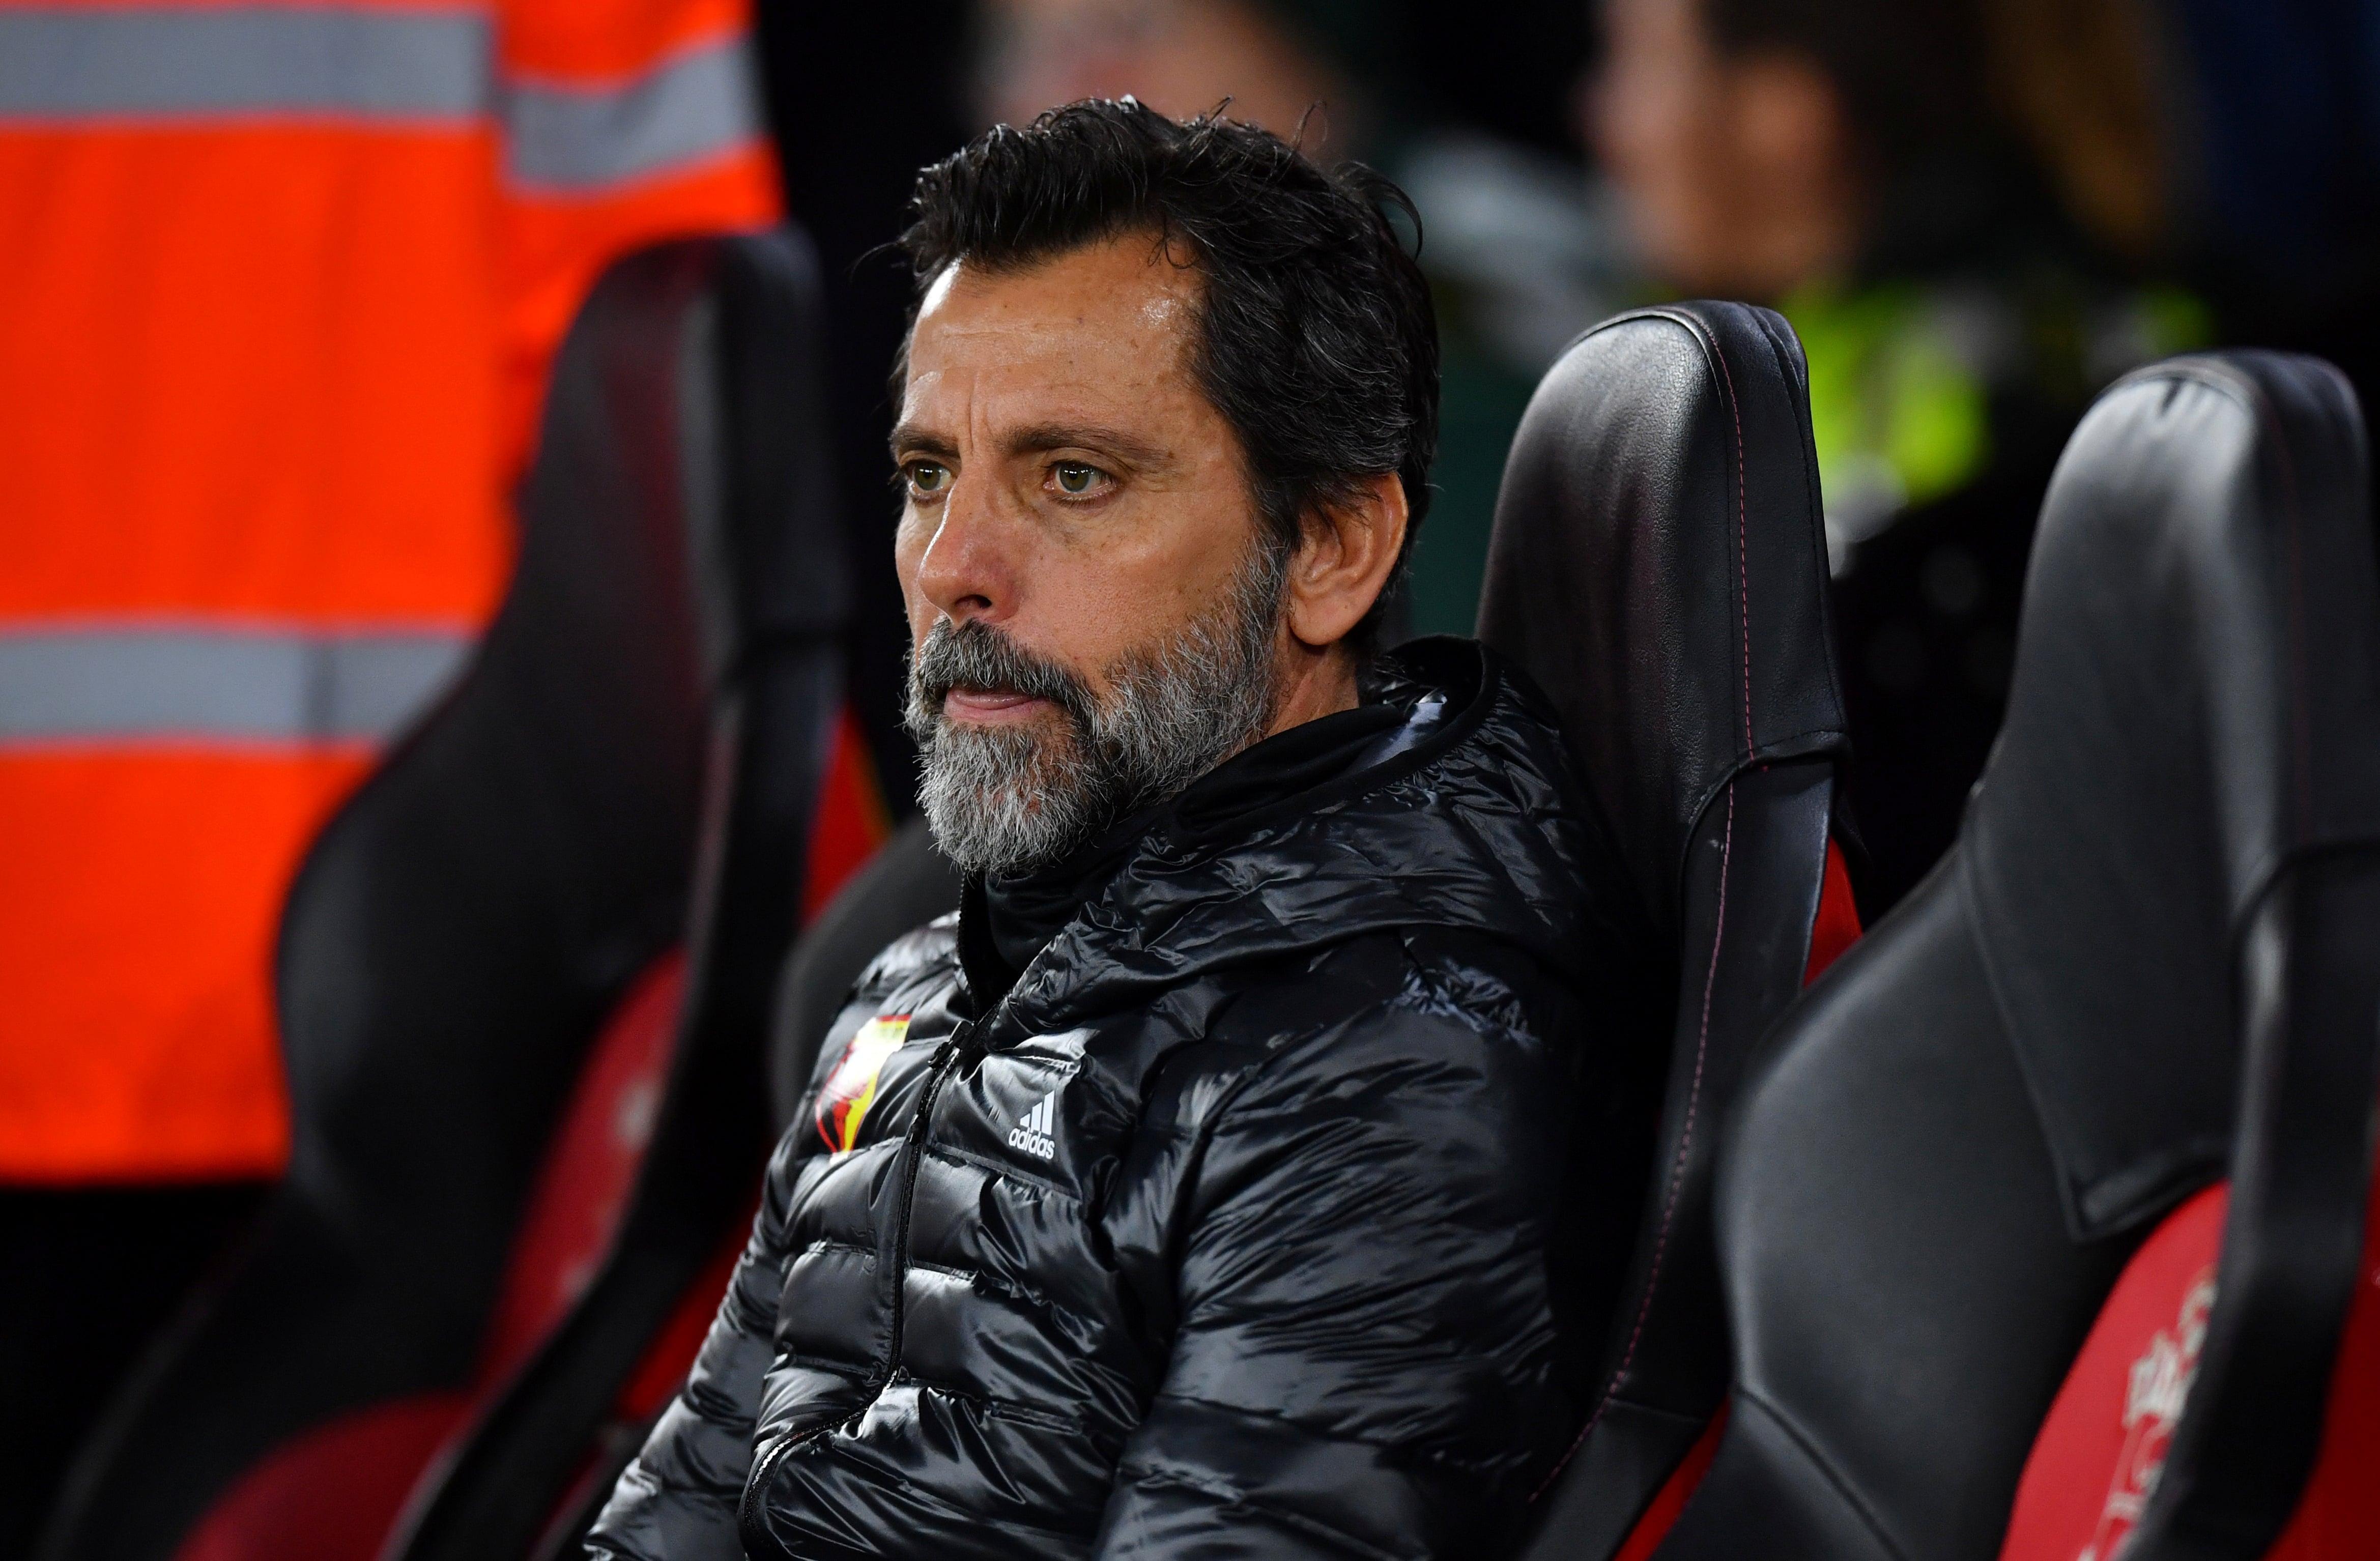 Quique Sanchez Flores sacked after miserable second stint at Watford